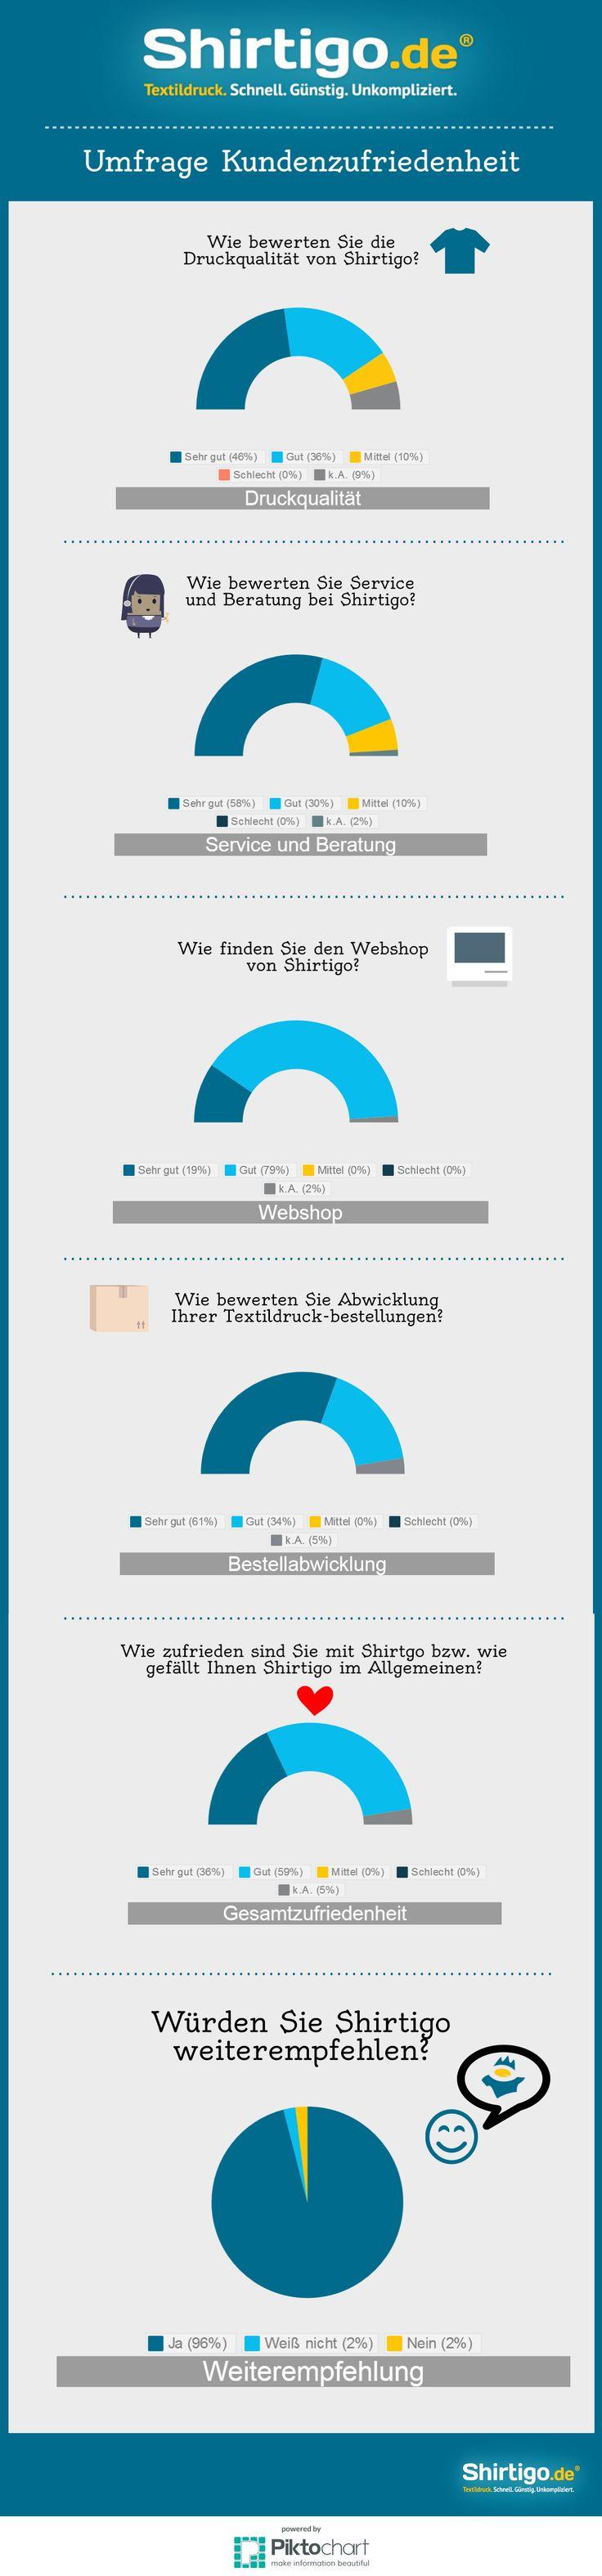 Ergebnisse der #Umfrage zum #Textildruck: 96% Weiterempfehlungsrate! :-) Also, nichts wie los und #Shirts #bedrucken lassen. #Infografik #Business